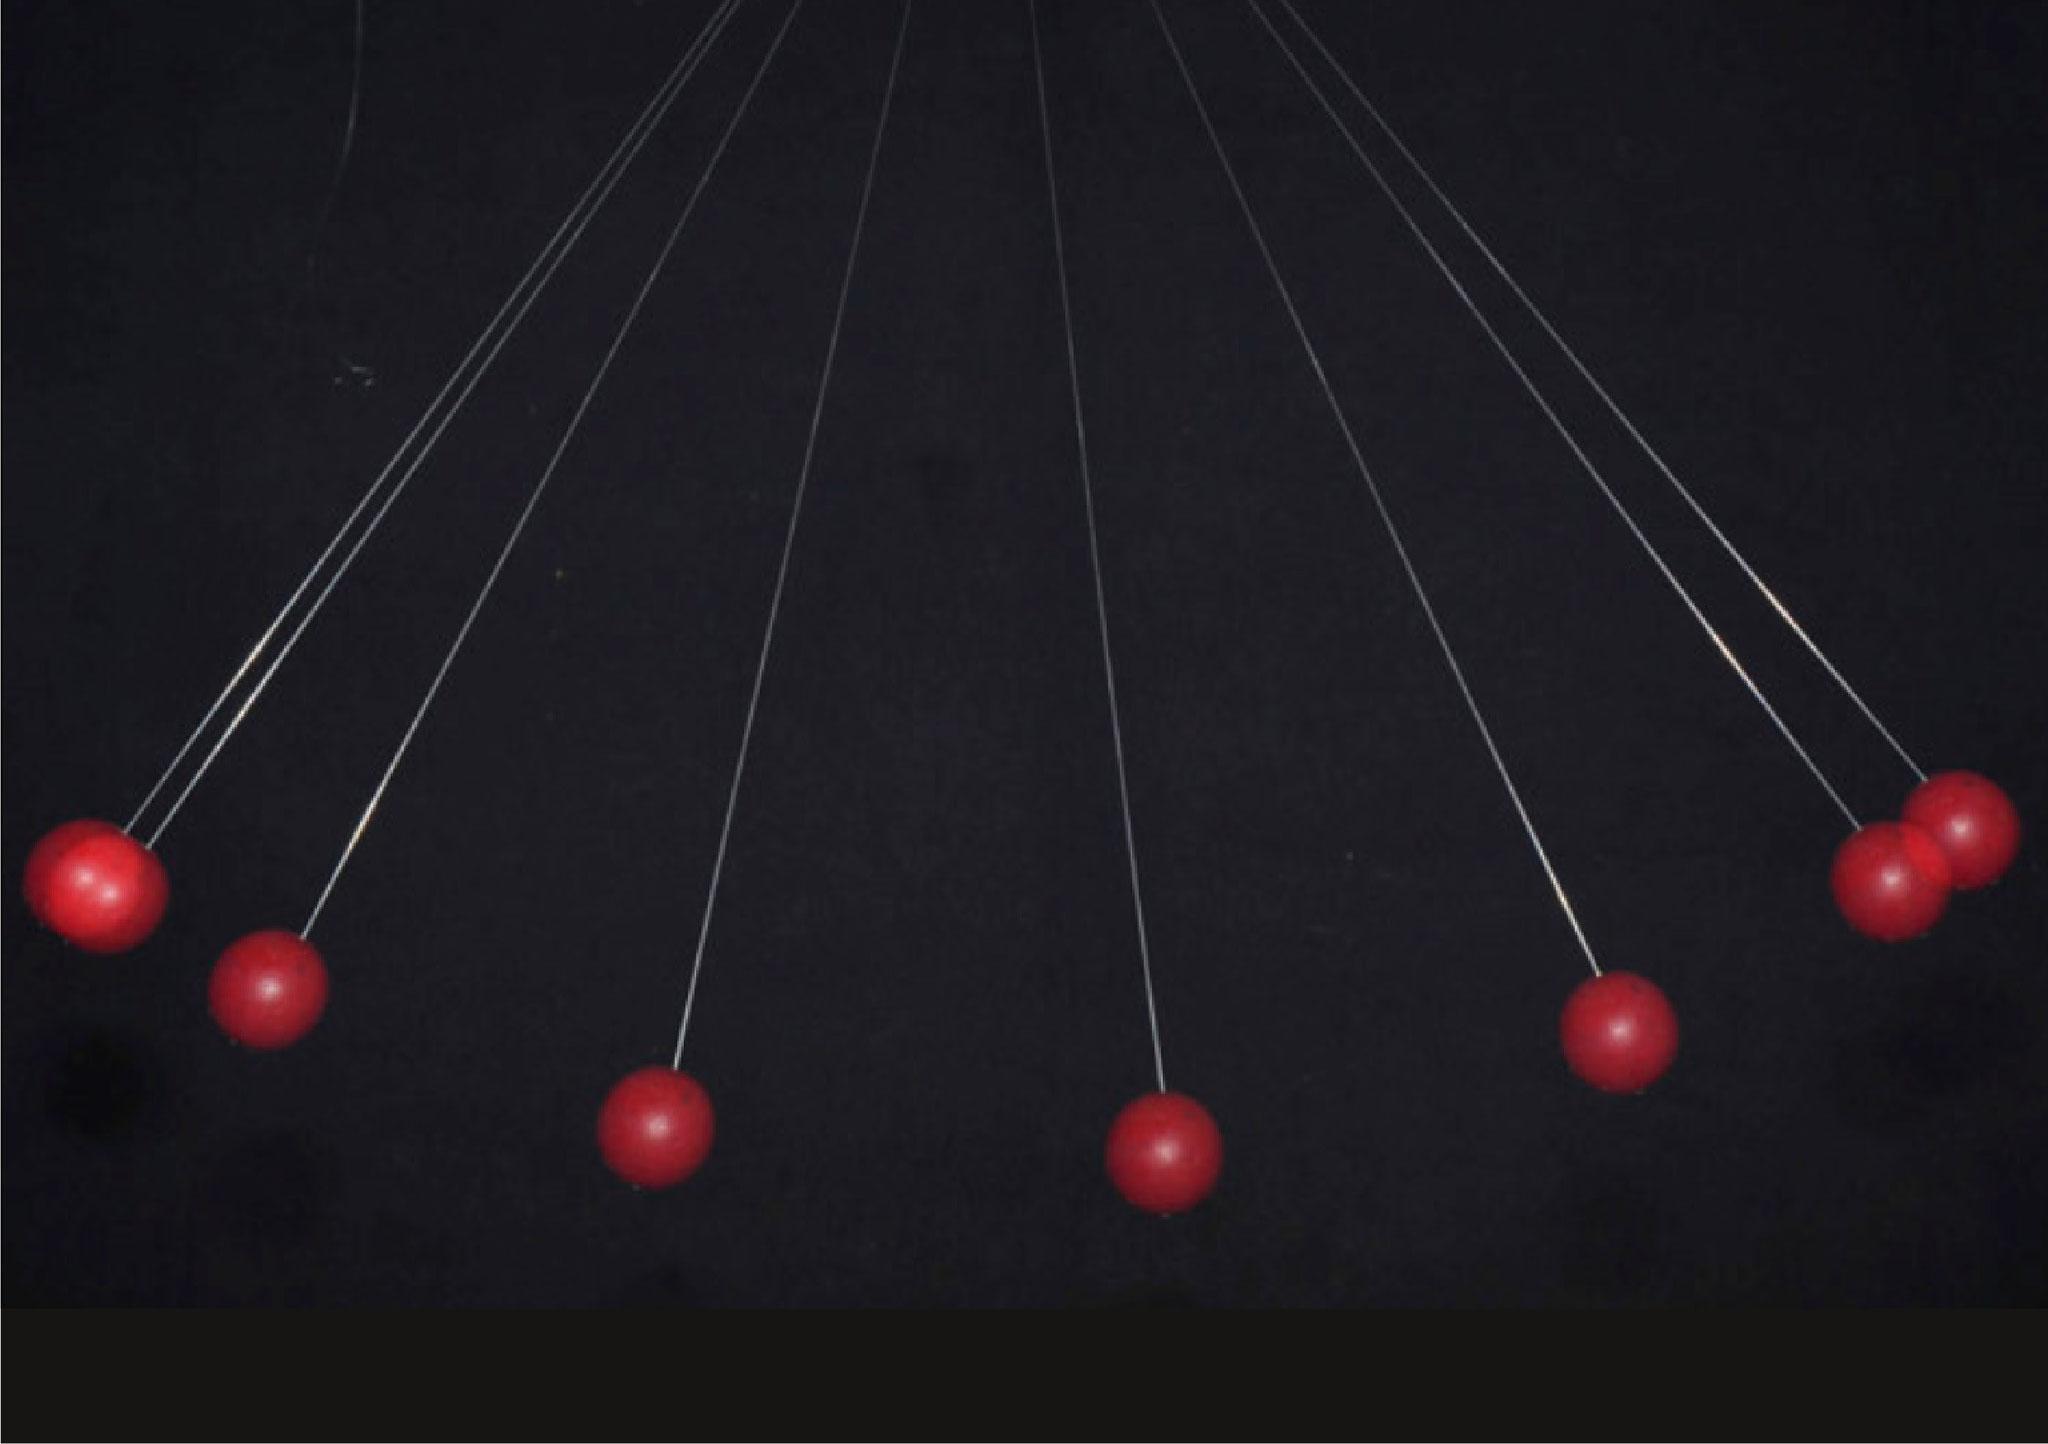 Physikalisch betrachtet ist die Marionette ein Pendel. Anhand einer Kugel am Faden kann man sich verdeutlichen, welche Kräfte wirken und welche Möglichkeiten sich ergeben.